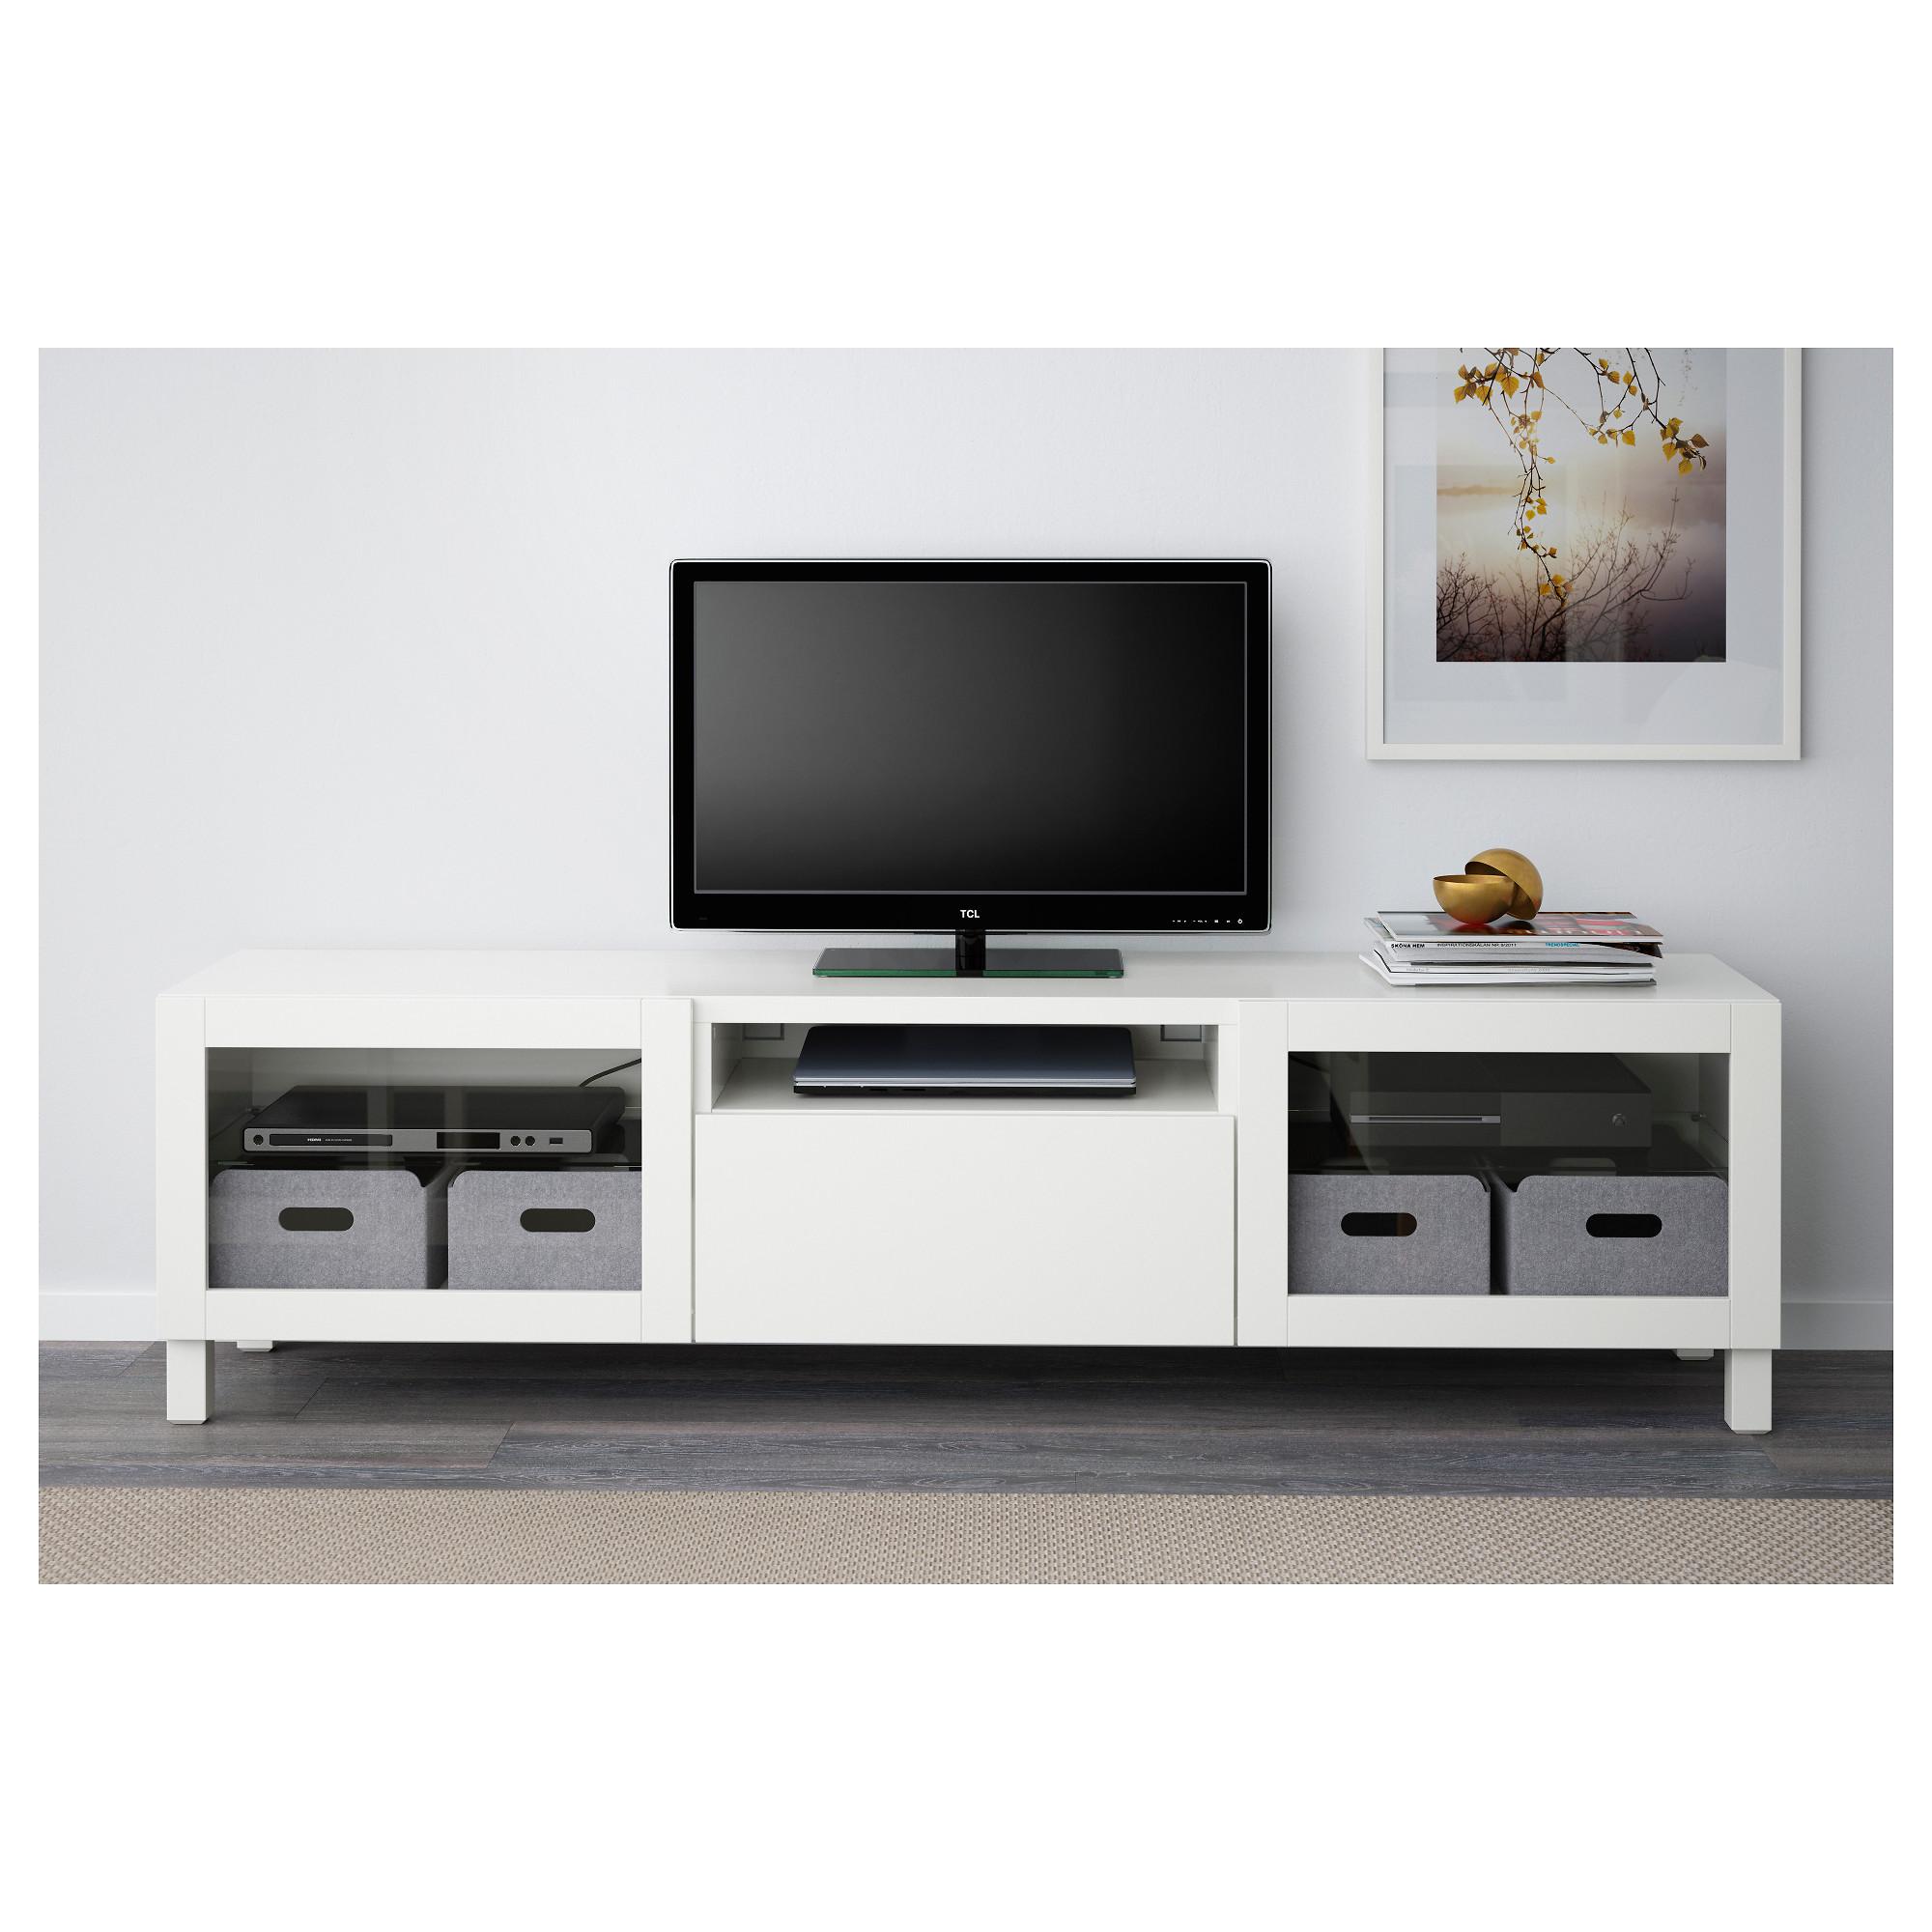 Meuble Ikea Besta Blanc bestÅ - tv bench, lappviken/sindvik white clear glass | ikea